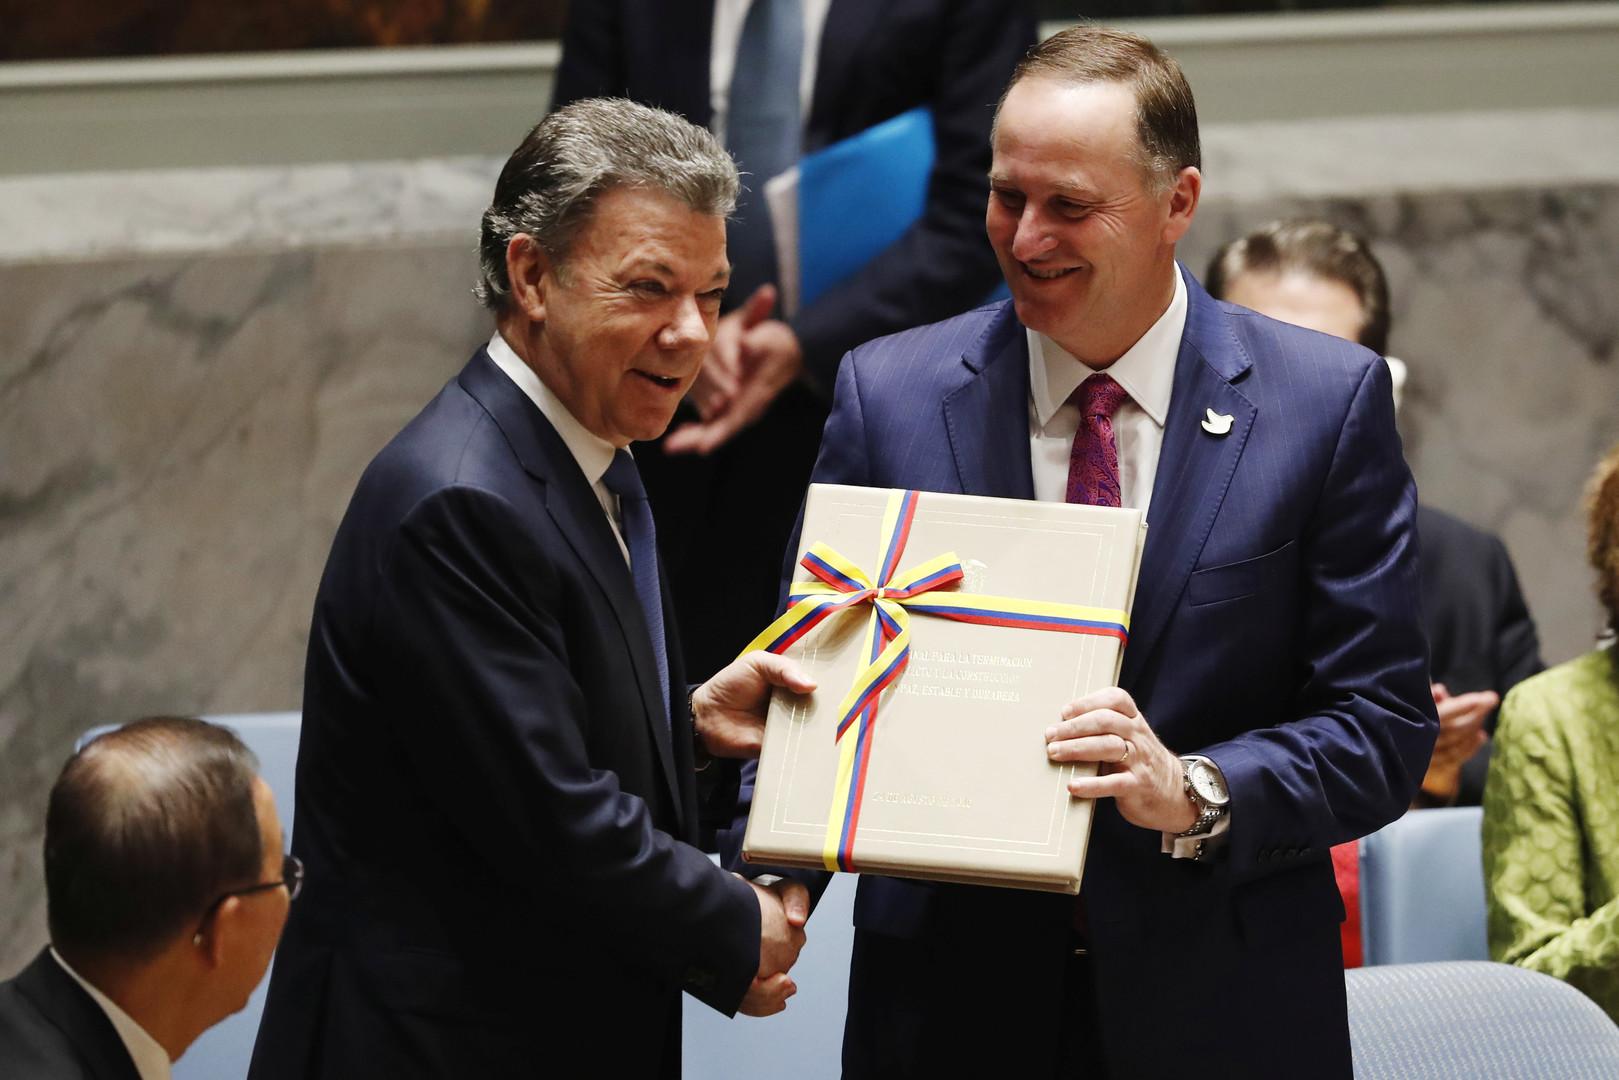 Der kolumbianische Präsident Juan Manuel Santos Calderon (links) präsentiert das Friedensabkommen mit der FARC während eines Treffens des UN-Sicherheitsrates in New York, 21. September 2016.